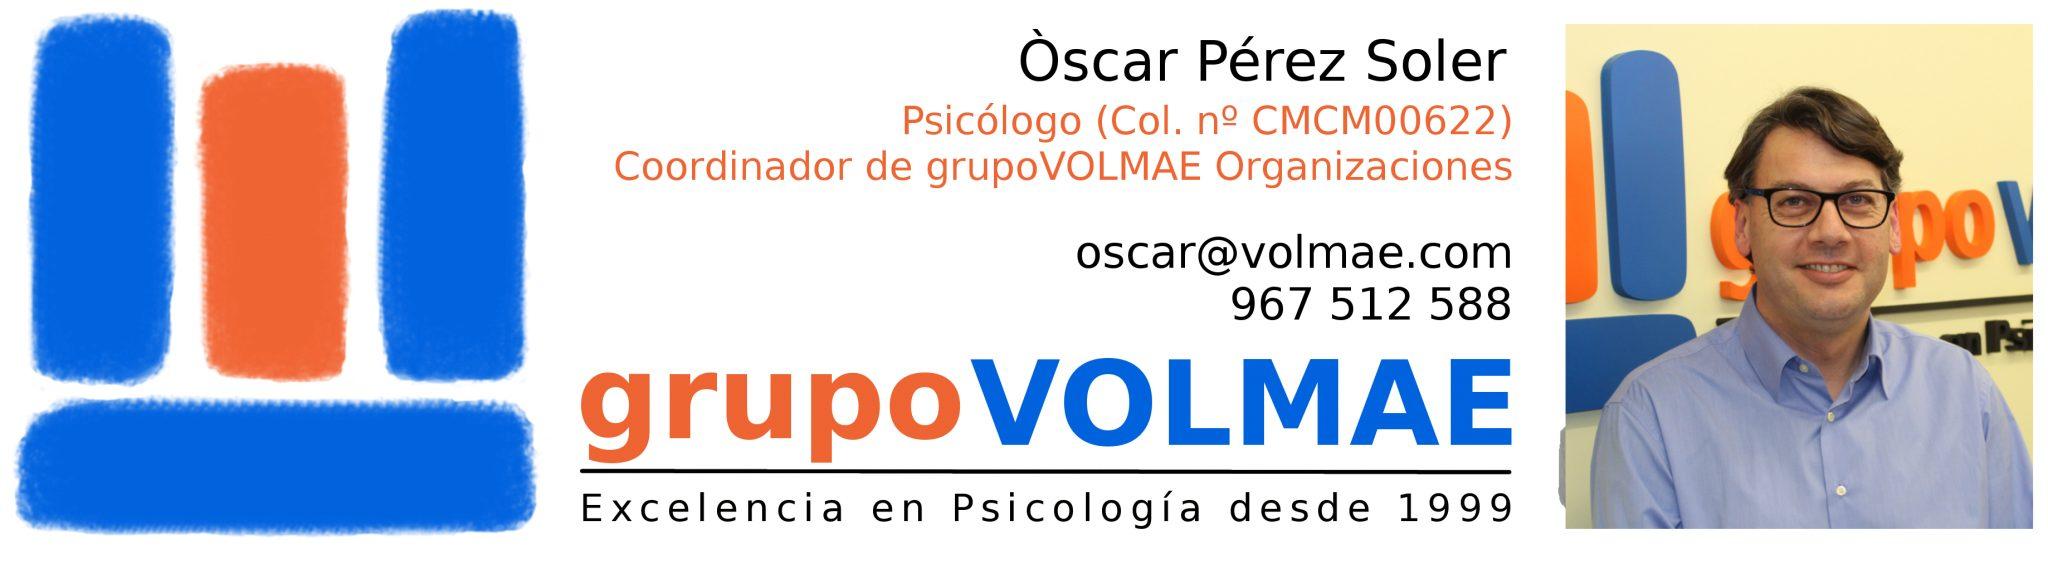 Óscar Pérez Soler 1